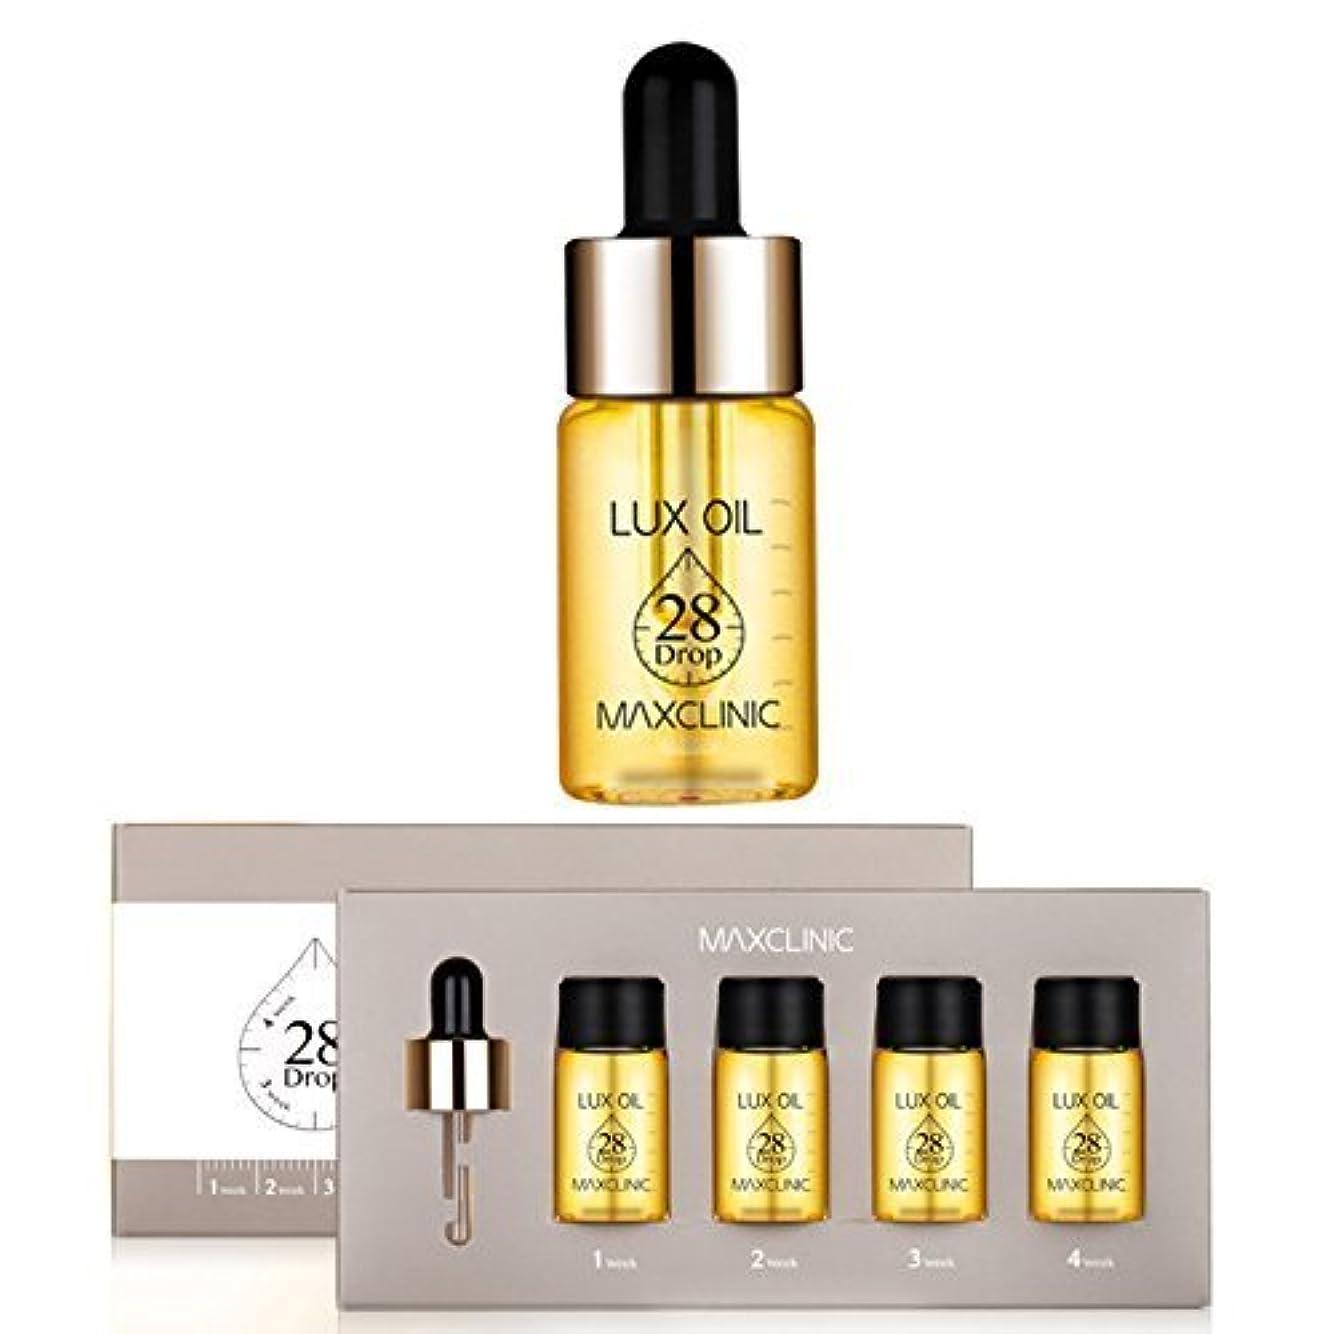 守銭奴歌詞発明するマックスクリニック[韓国コスメMaxclinic]Lux Oil 28 Drop,Luxury spa oil ampoules ラックスオイル28ドロップ、ラグジュアリースパオイルアンプル10mlX4個 [並行輸入品]